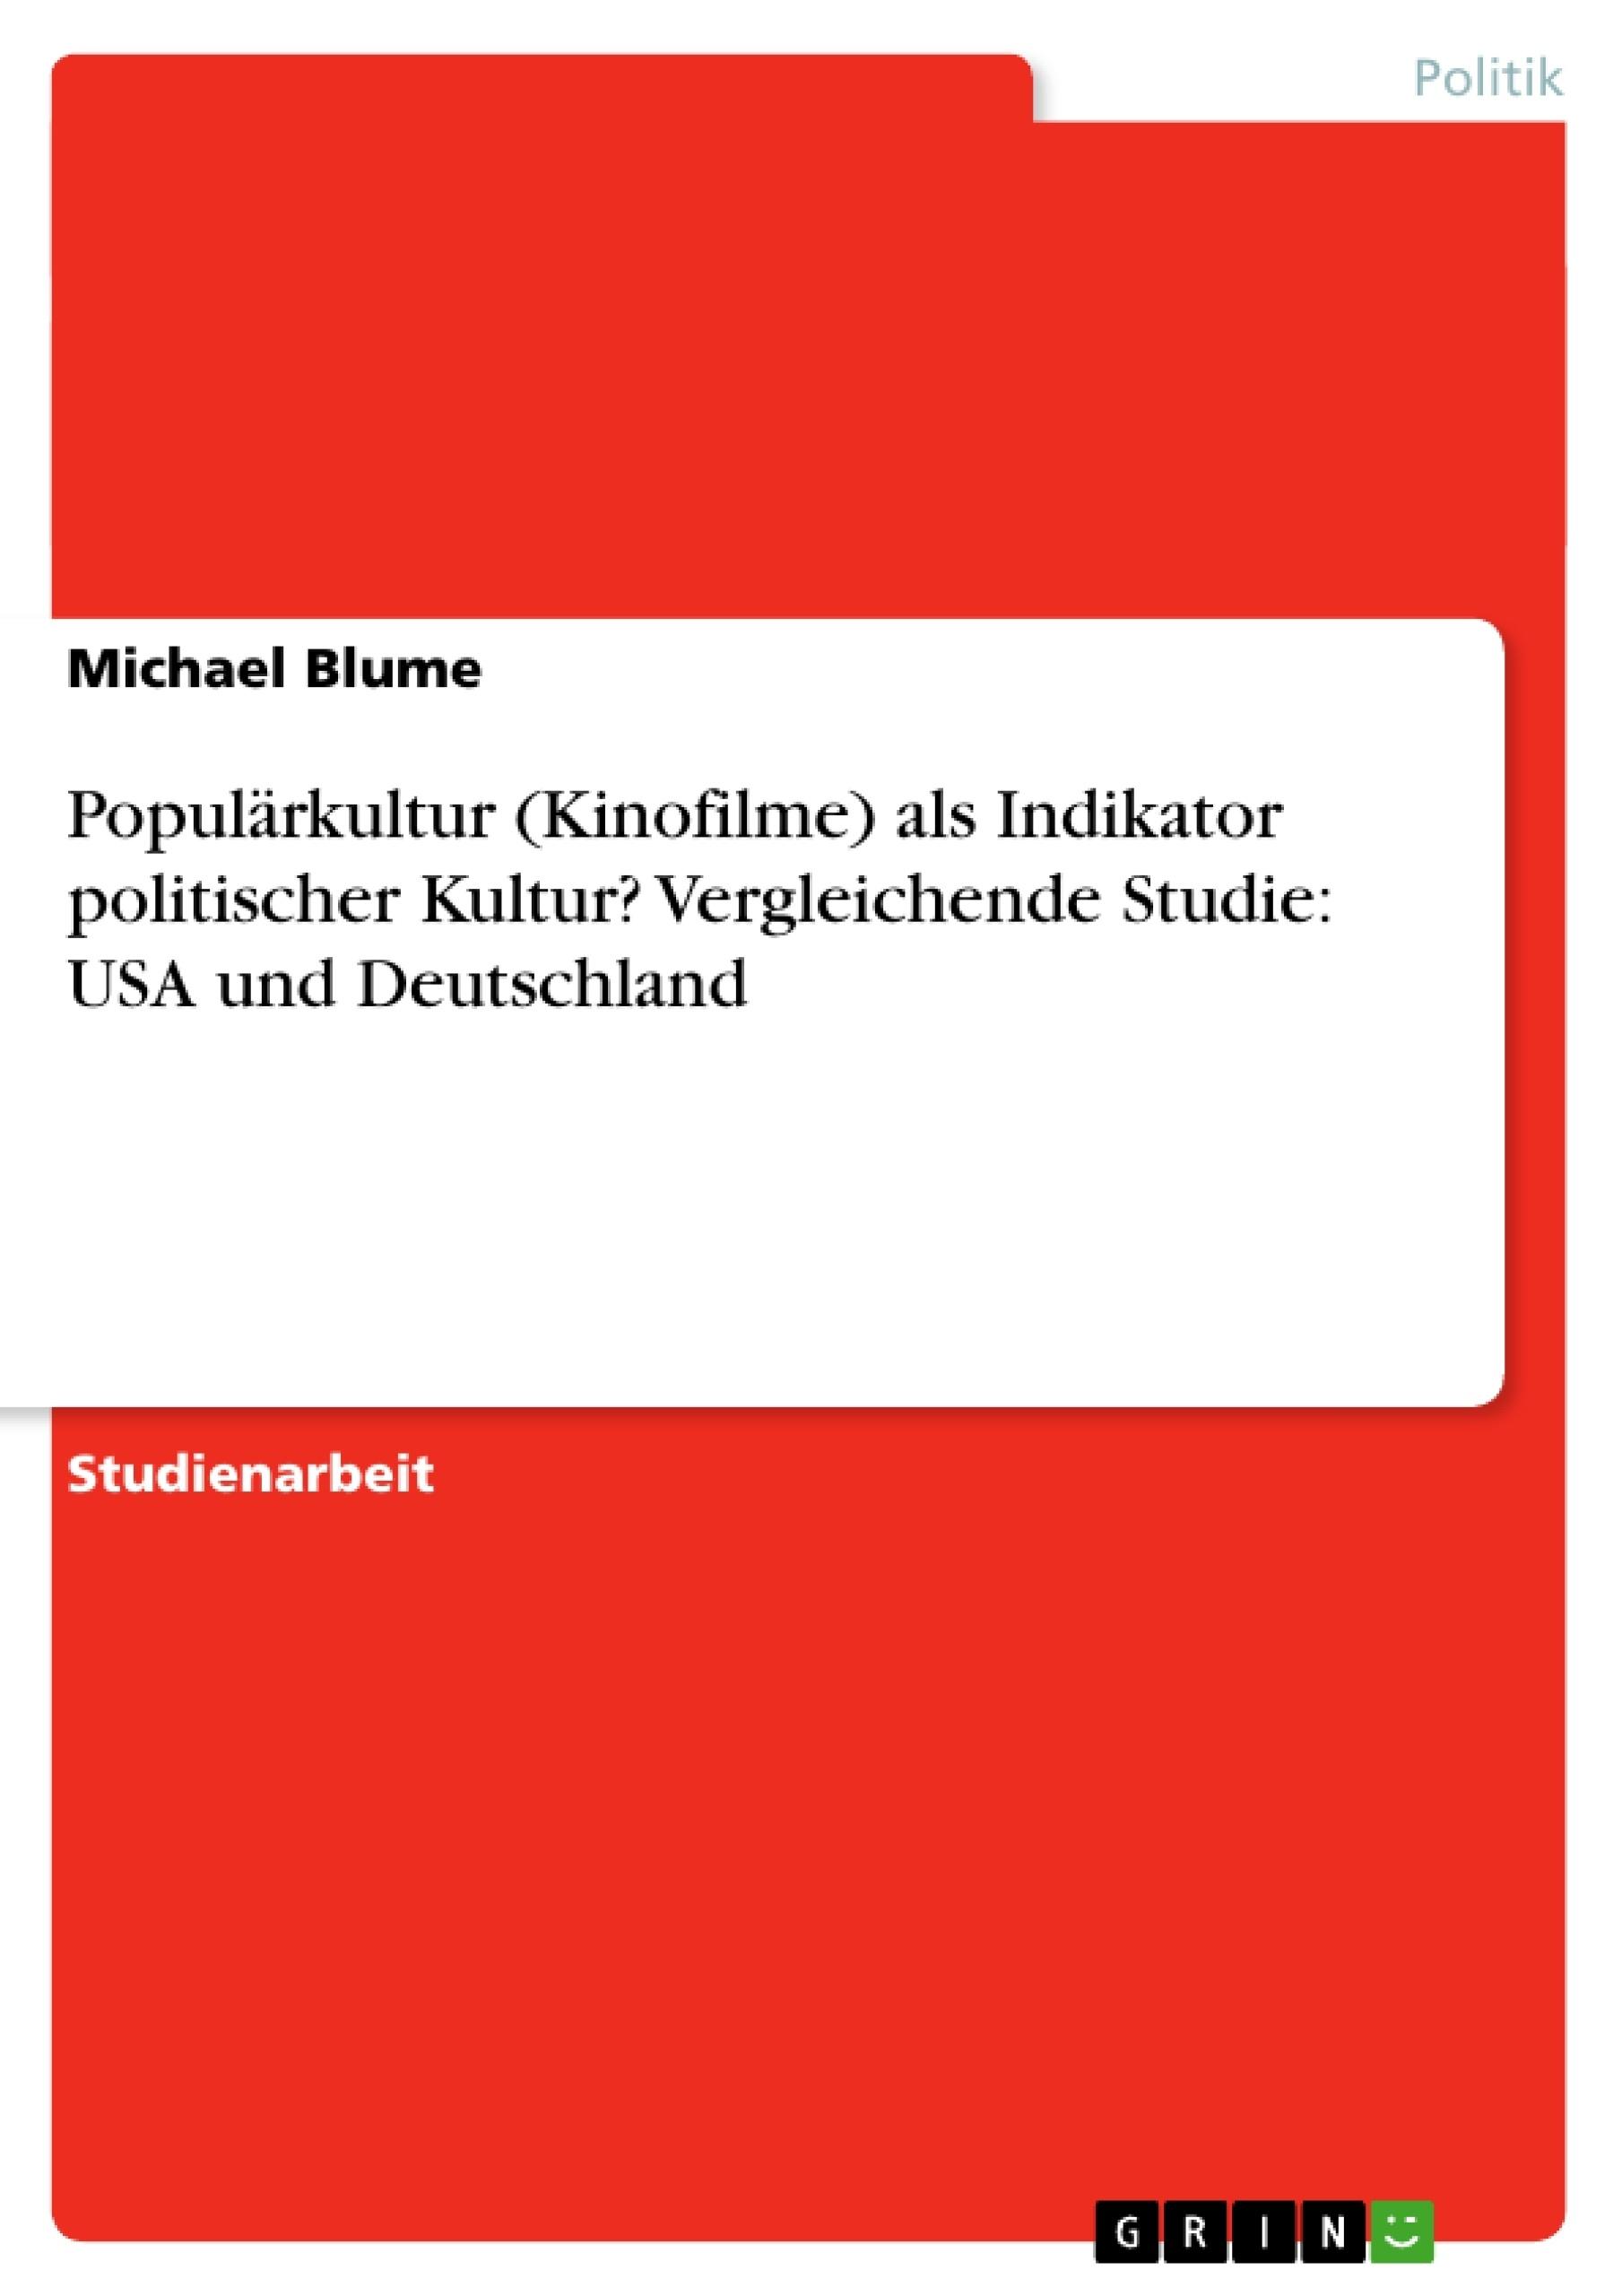 Titel: Populärkultur (Kinofilme) als Indikator politischer Kultur? Vergleichende Studie: USA und Deutschland